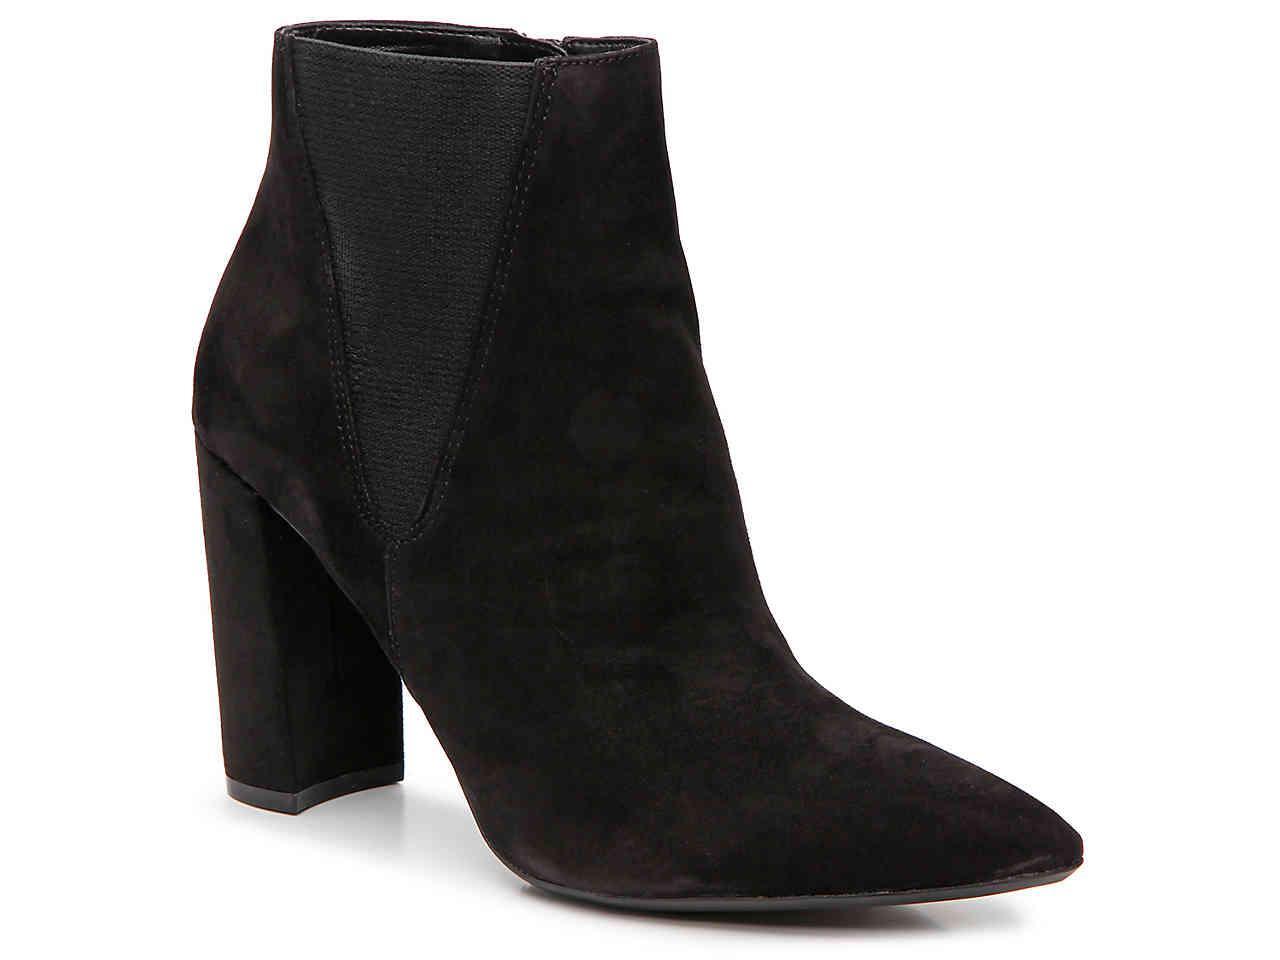 Nine West Yovactis Booties Women's Shoes fQEYD